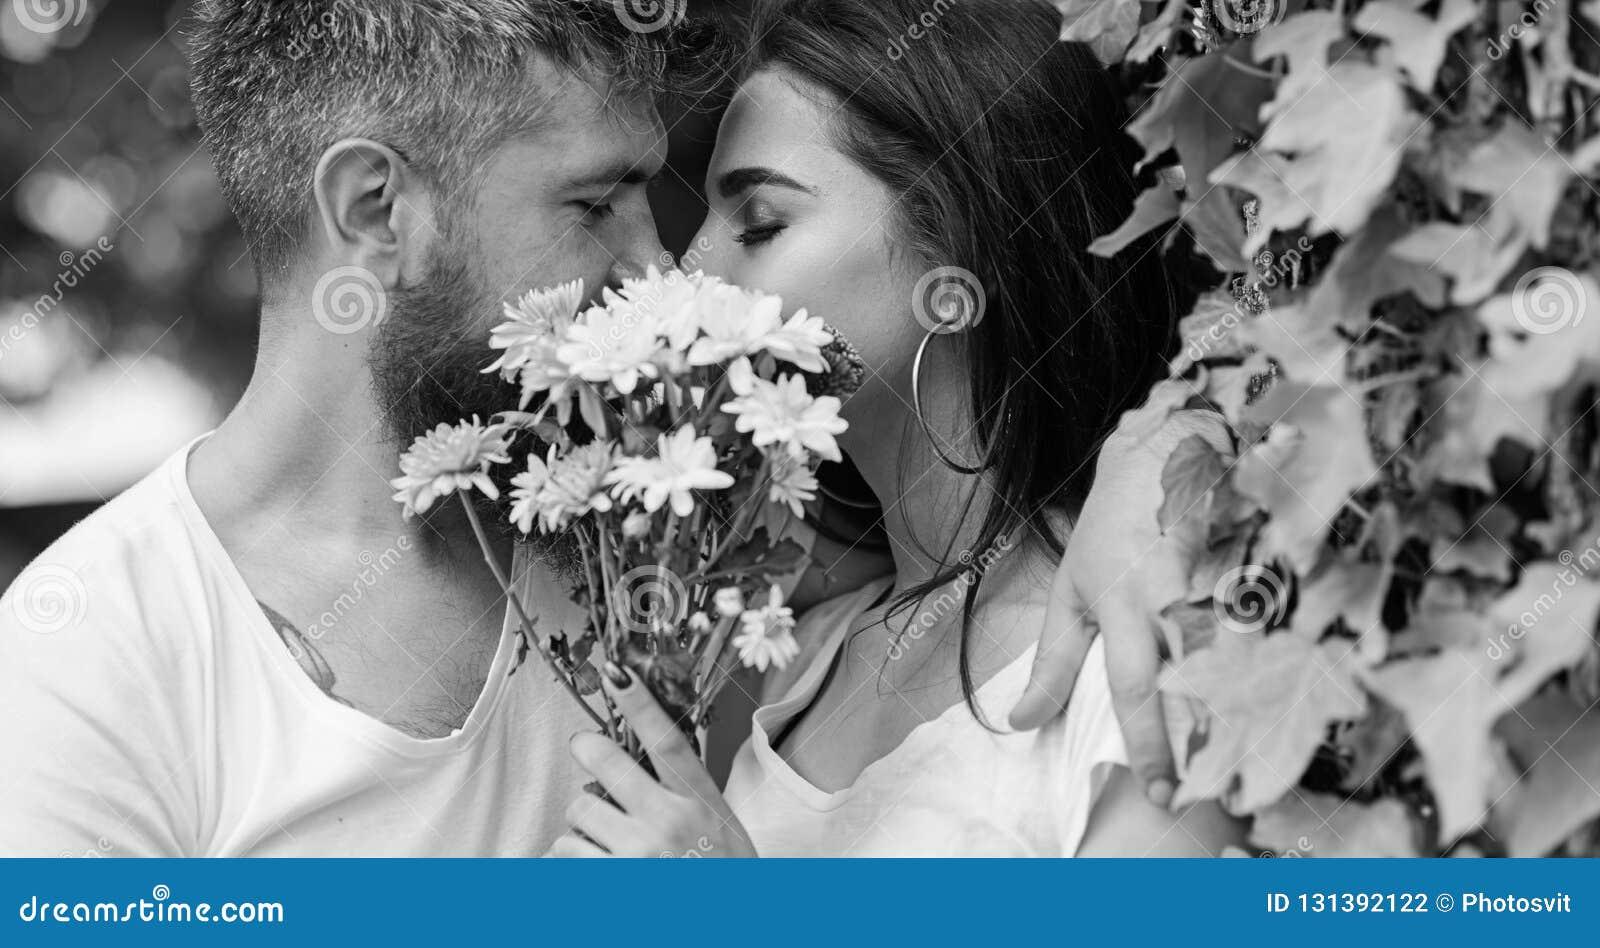 De kussenmeisje van mensen gebaard hipster Geheime romantische kus Liefde romantisch gevoel Ogenblik van intimiteit Paar in liefd